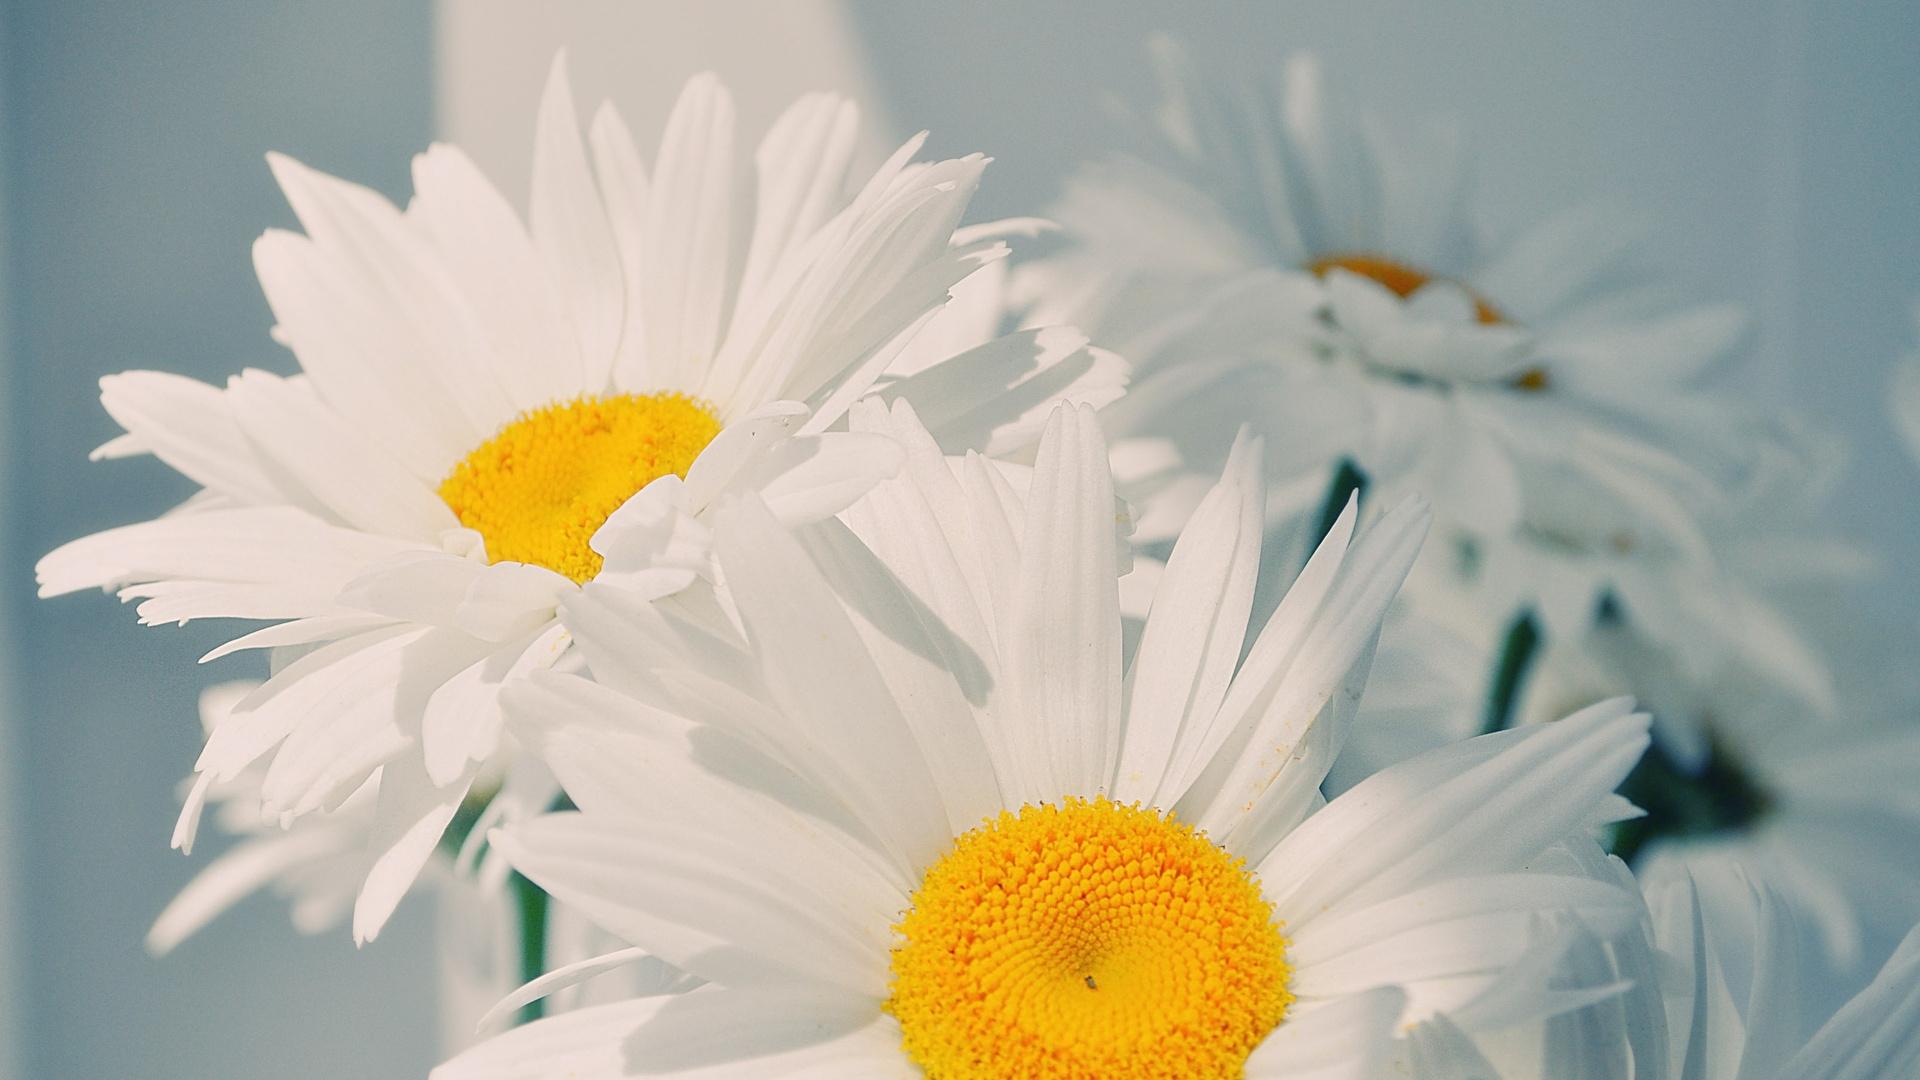 25781 скачать обои Растения, Цветы, Ромашки - заставки и картинки бесплатно